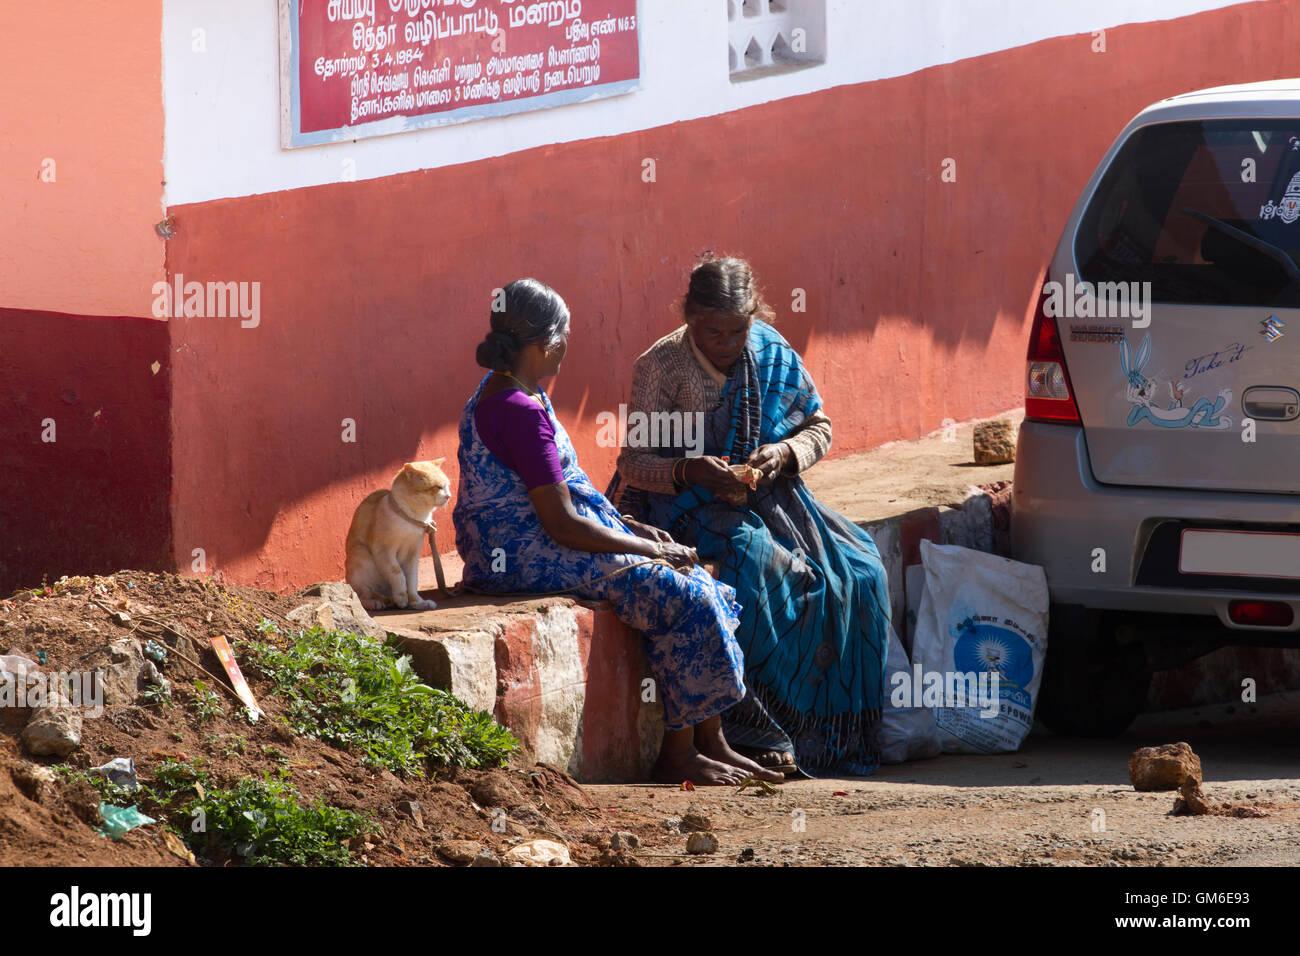 Coonoor, Tamil Nadu, India, 22 de marzo de 2015: Dos mujeres hablando en la calle. Concepto de amistad. La cultura Imagen De Stock